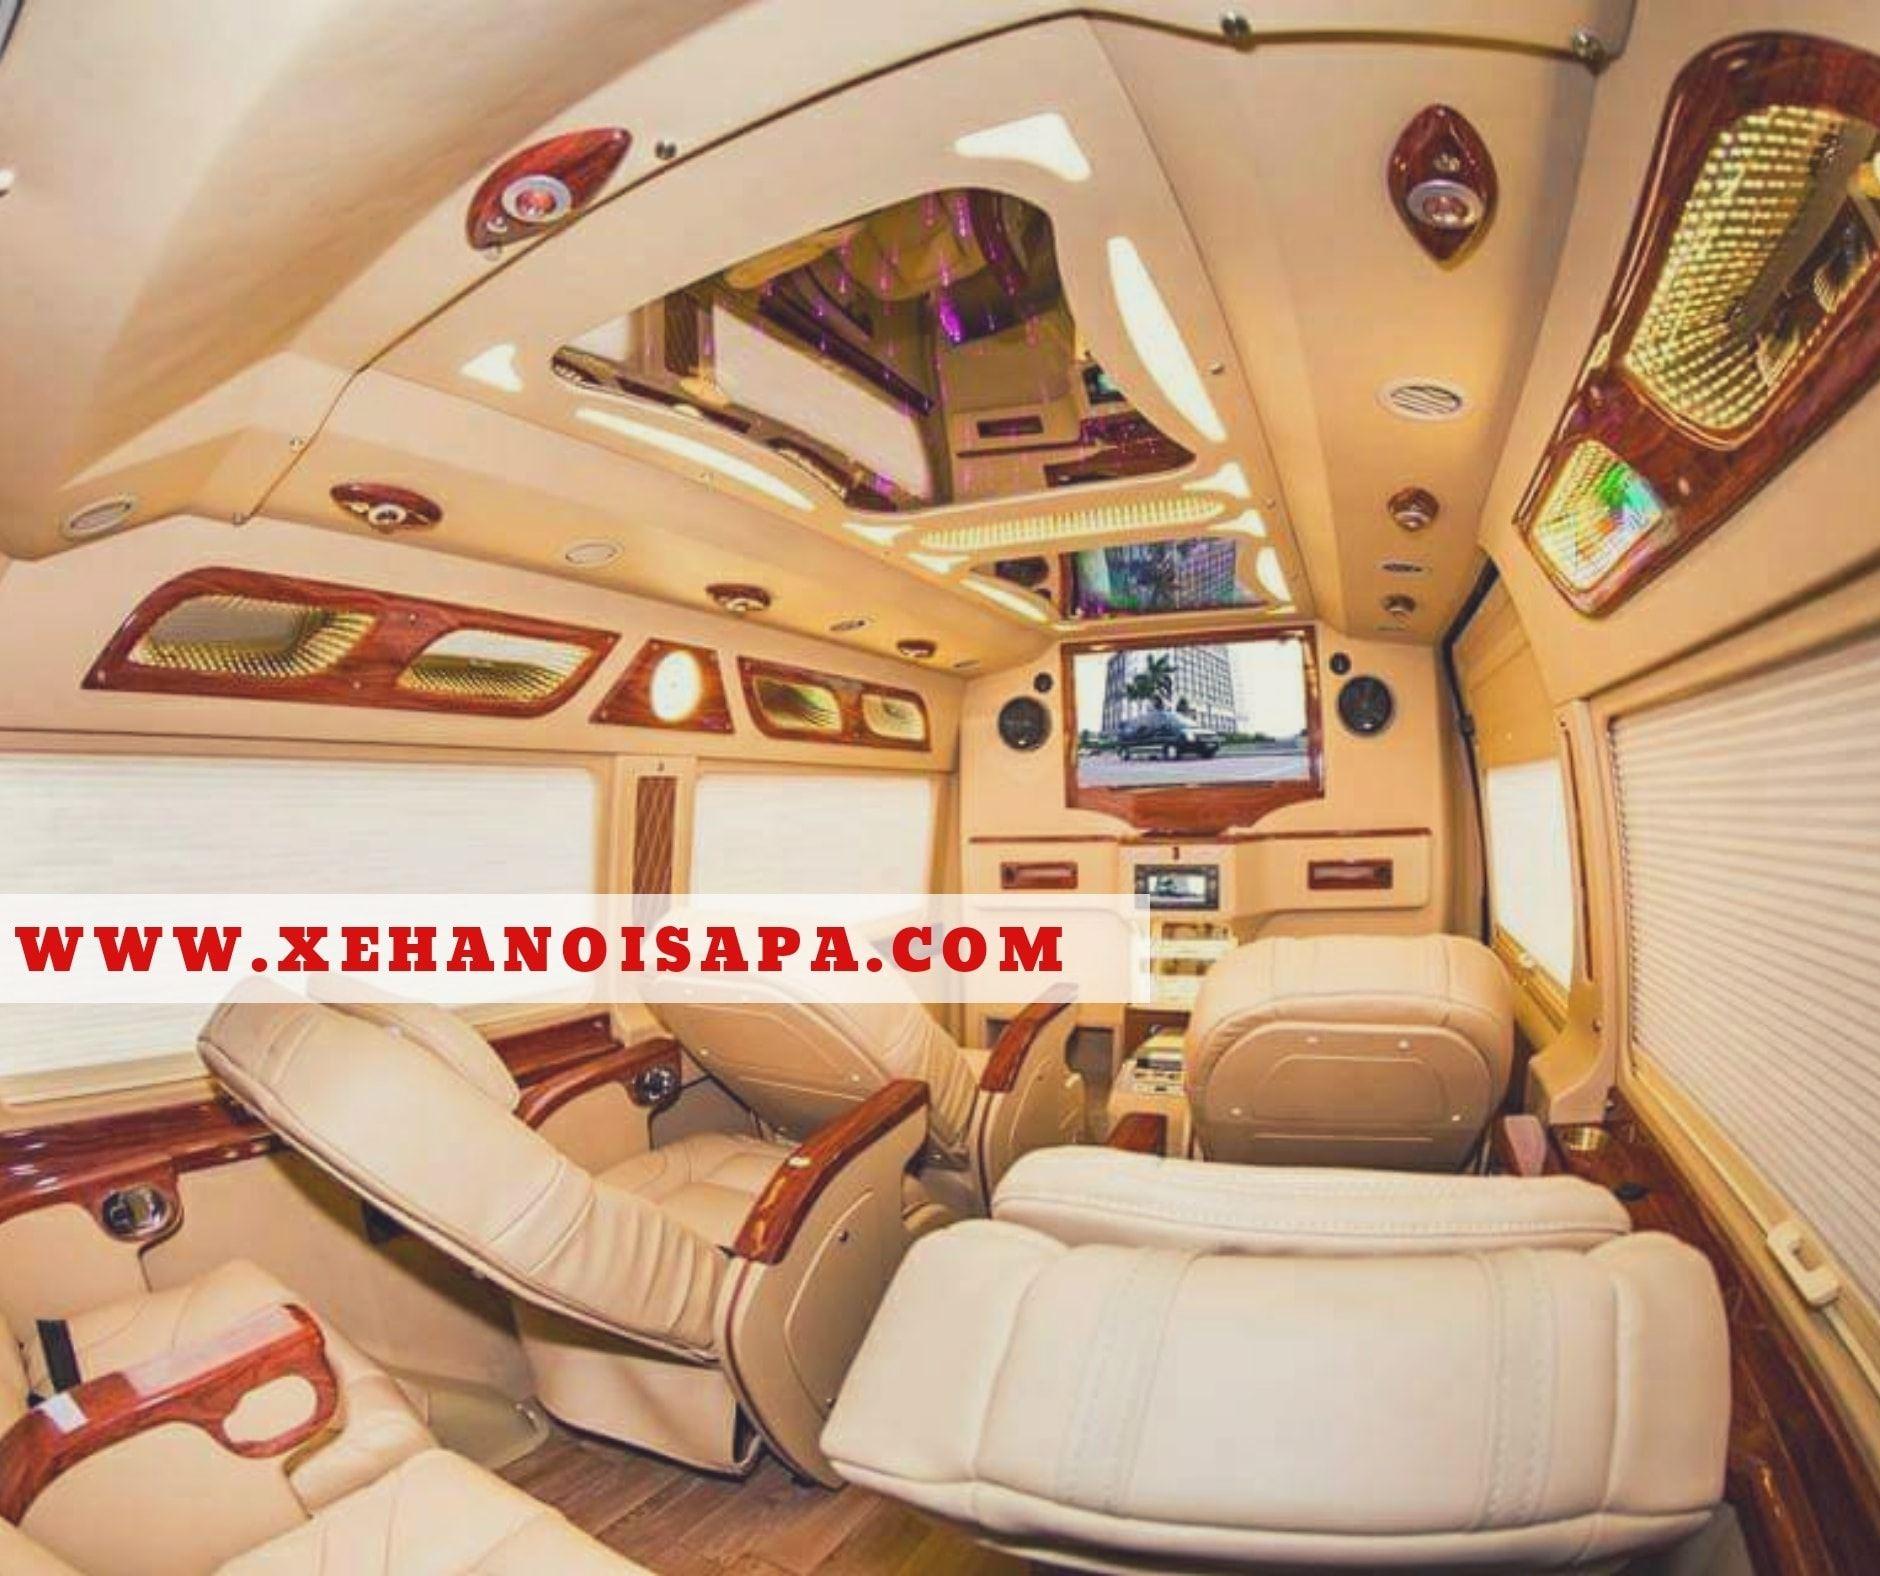 Hãng xe Én Vàng Limousine - Tiện nghi sang trọng, hiện đại